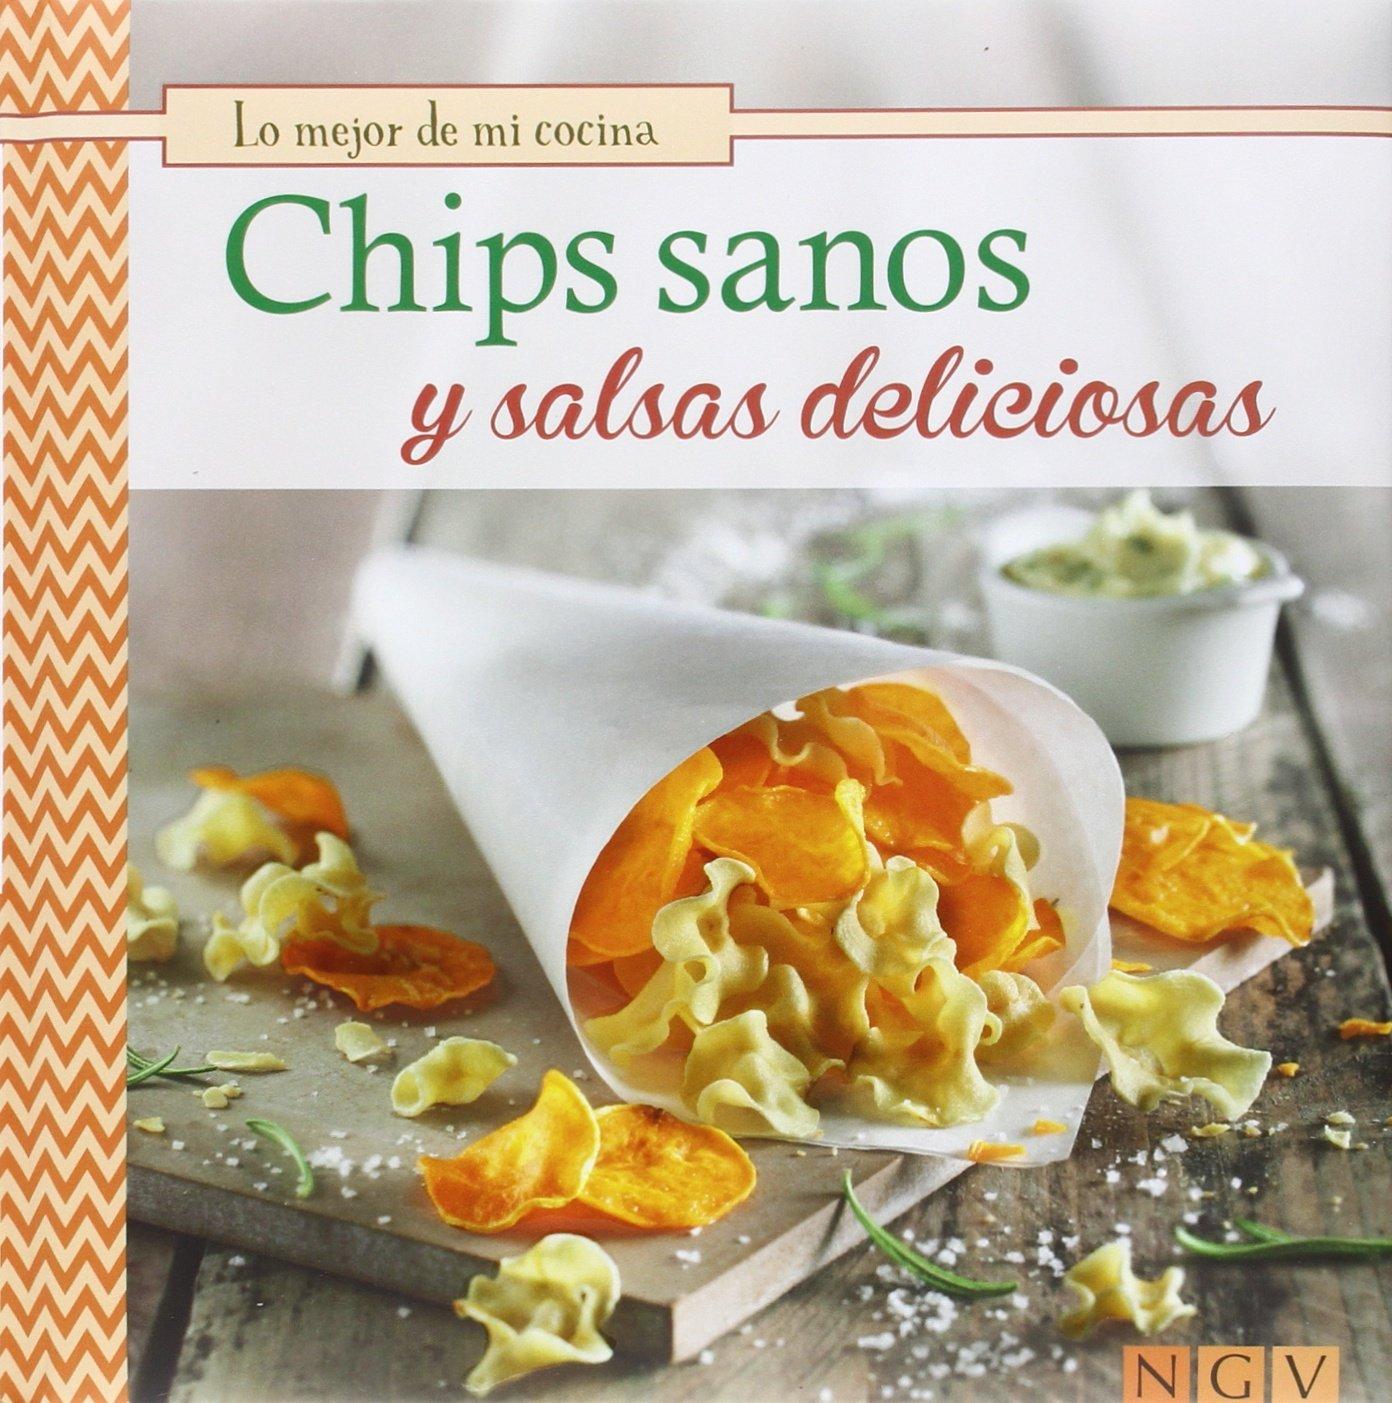 CHIPS SANOS Y SALSAS DELICIOSAS: VARIOS: 9783869416489: Amazon.com: Books